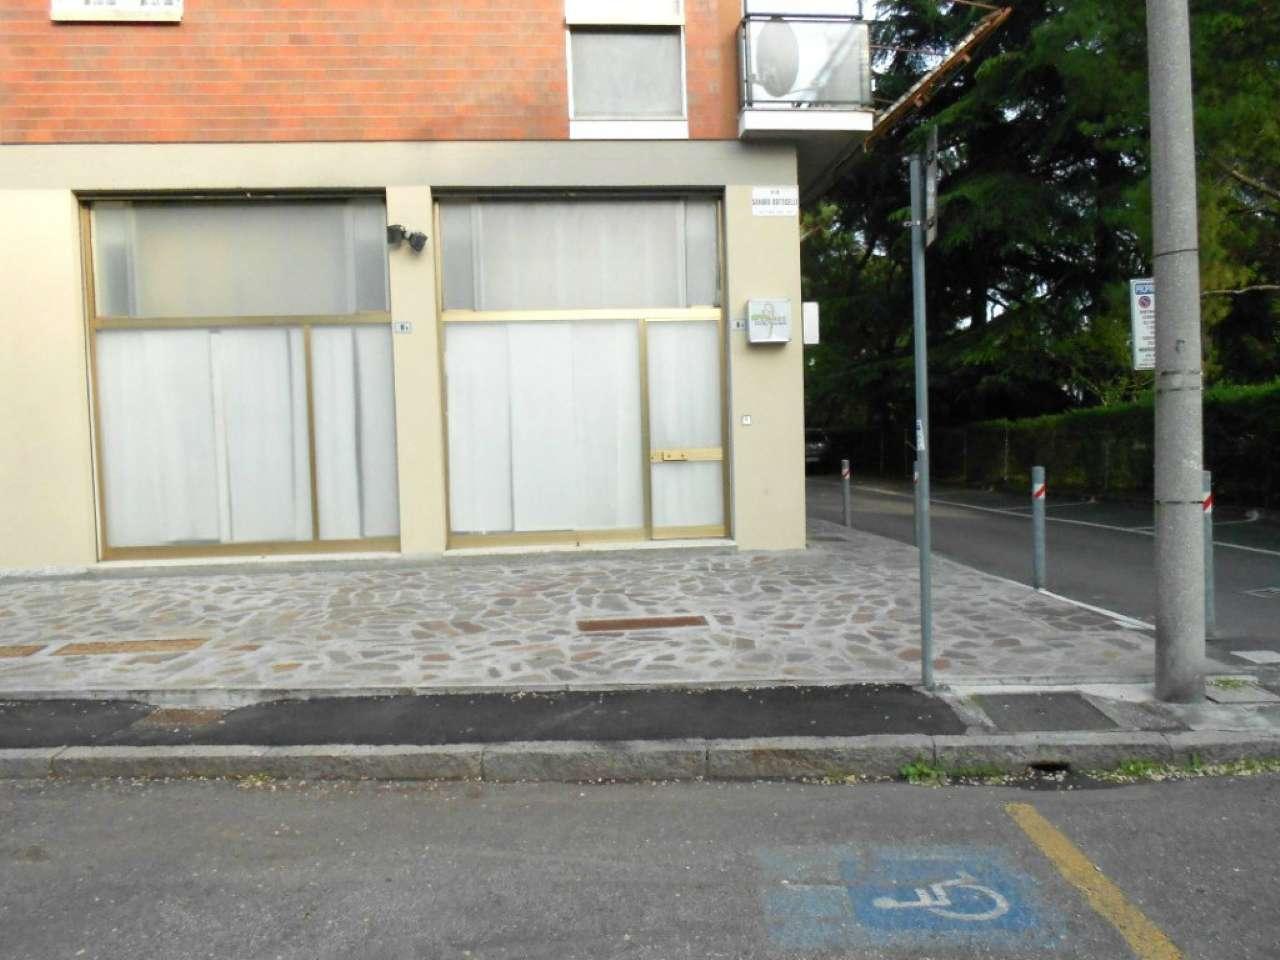 Negozio / Locale in vendita a Bologna, 1 locali, zona Zona: 16 . S.Viola, Battindamo, Saffi, prezzo € 110.000 | CambioCasa.it